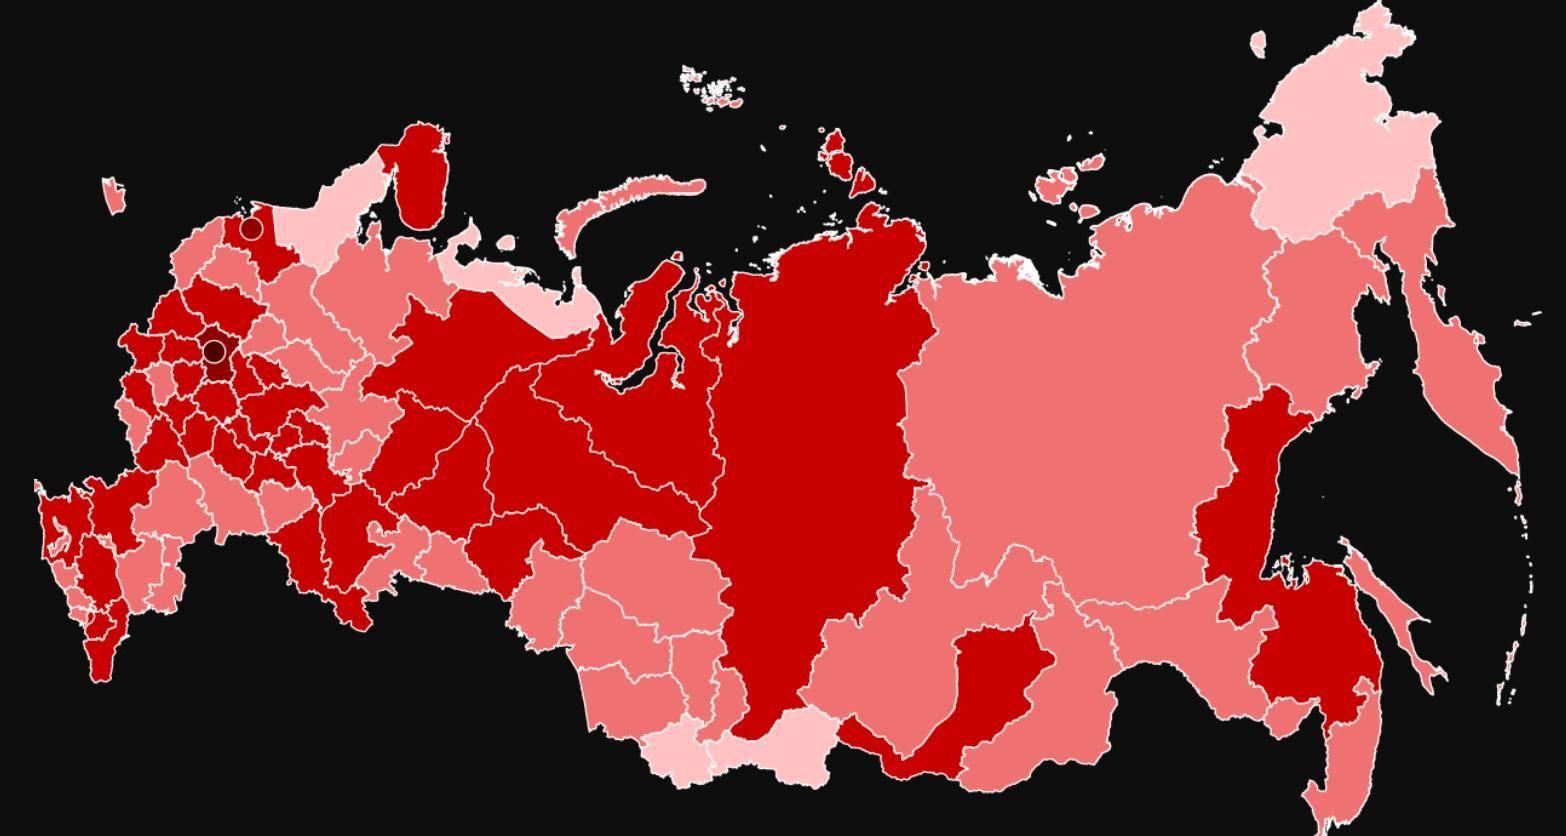 В России положили сайт Владимира Путина и половину Рунета: война против Twitter ударила по самой РФ 1